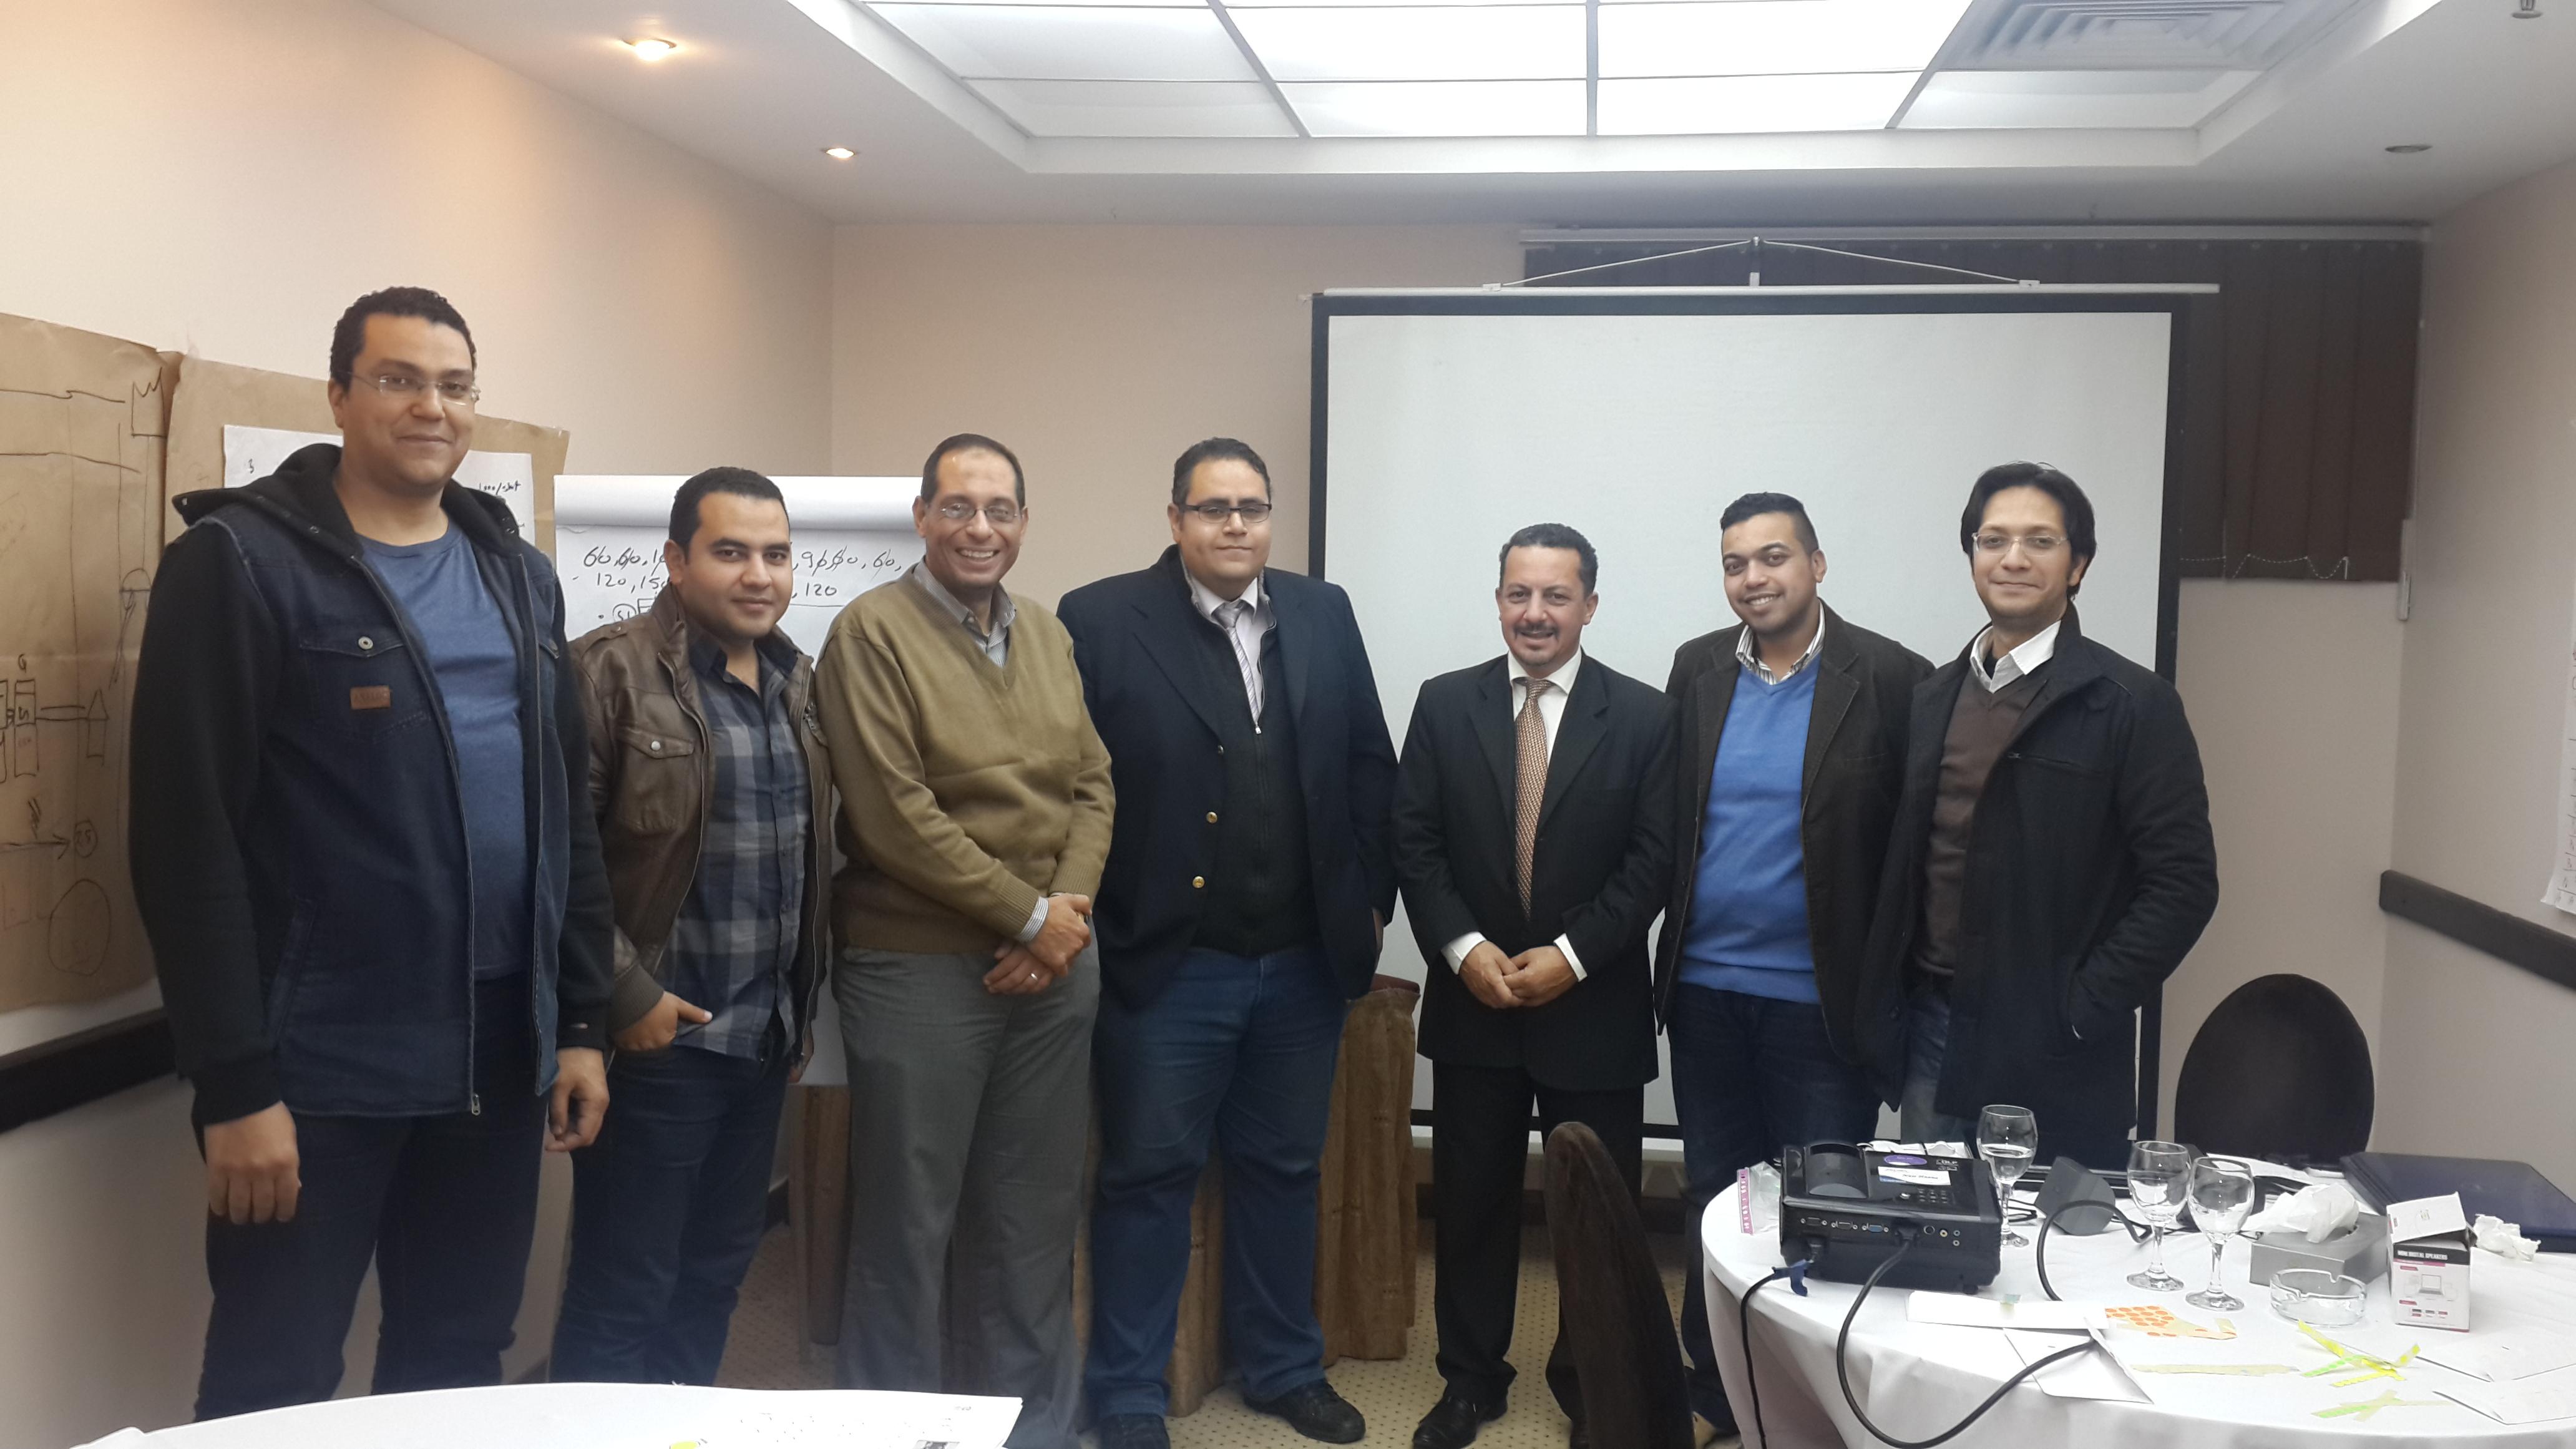 The Excellence Center20141125_171944 Egypt.jpg